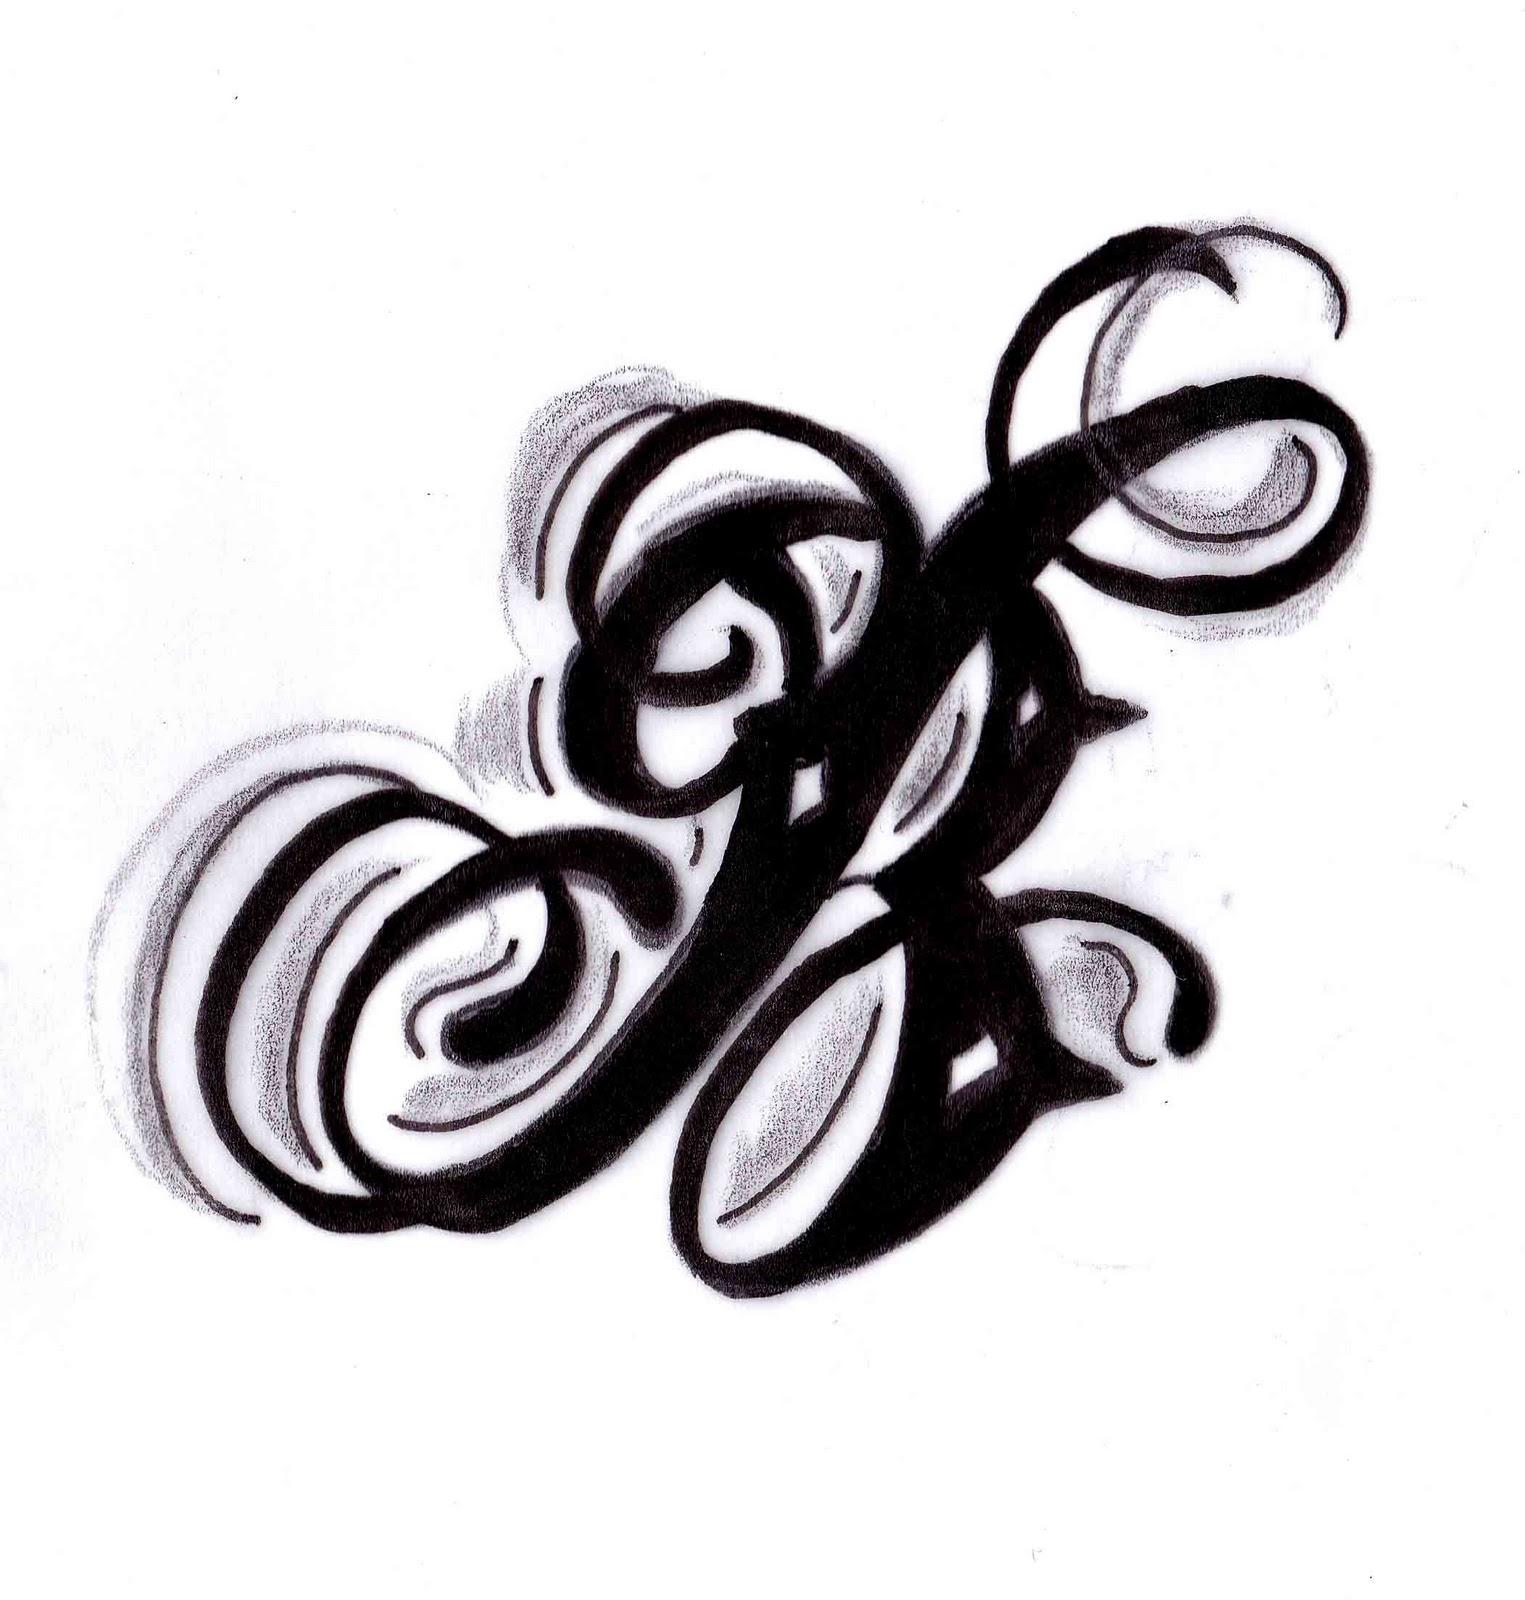 Russell Butler: B Tattoo Design